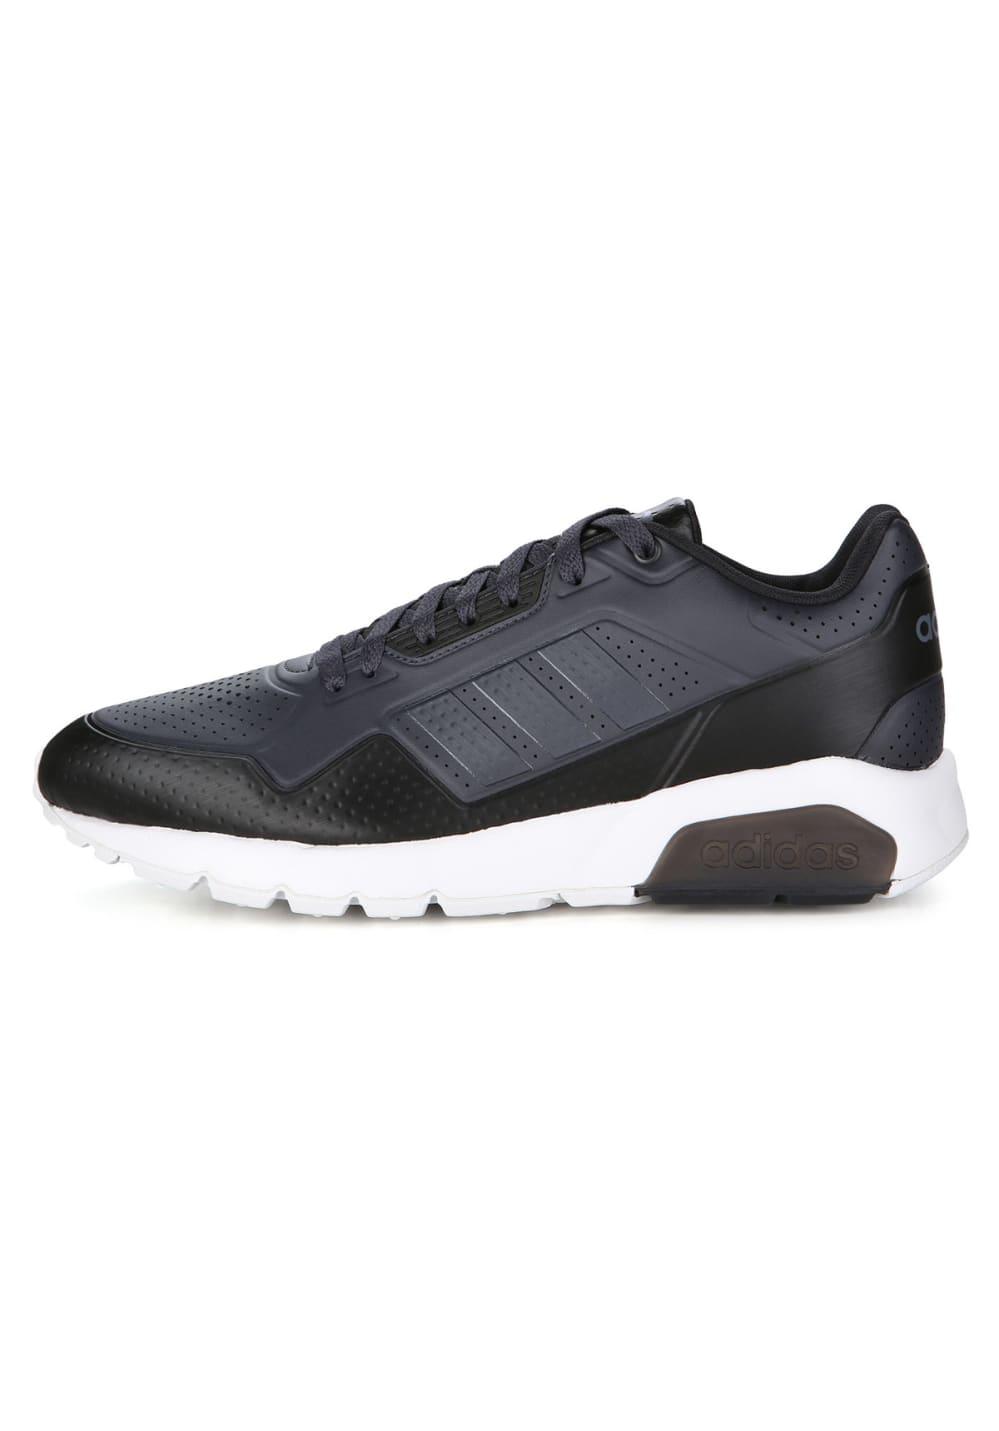 Para 2 Negro Sneaker Adidas Hombre Zapatilla Run9tis Tm 0 VLqzSUMpG